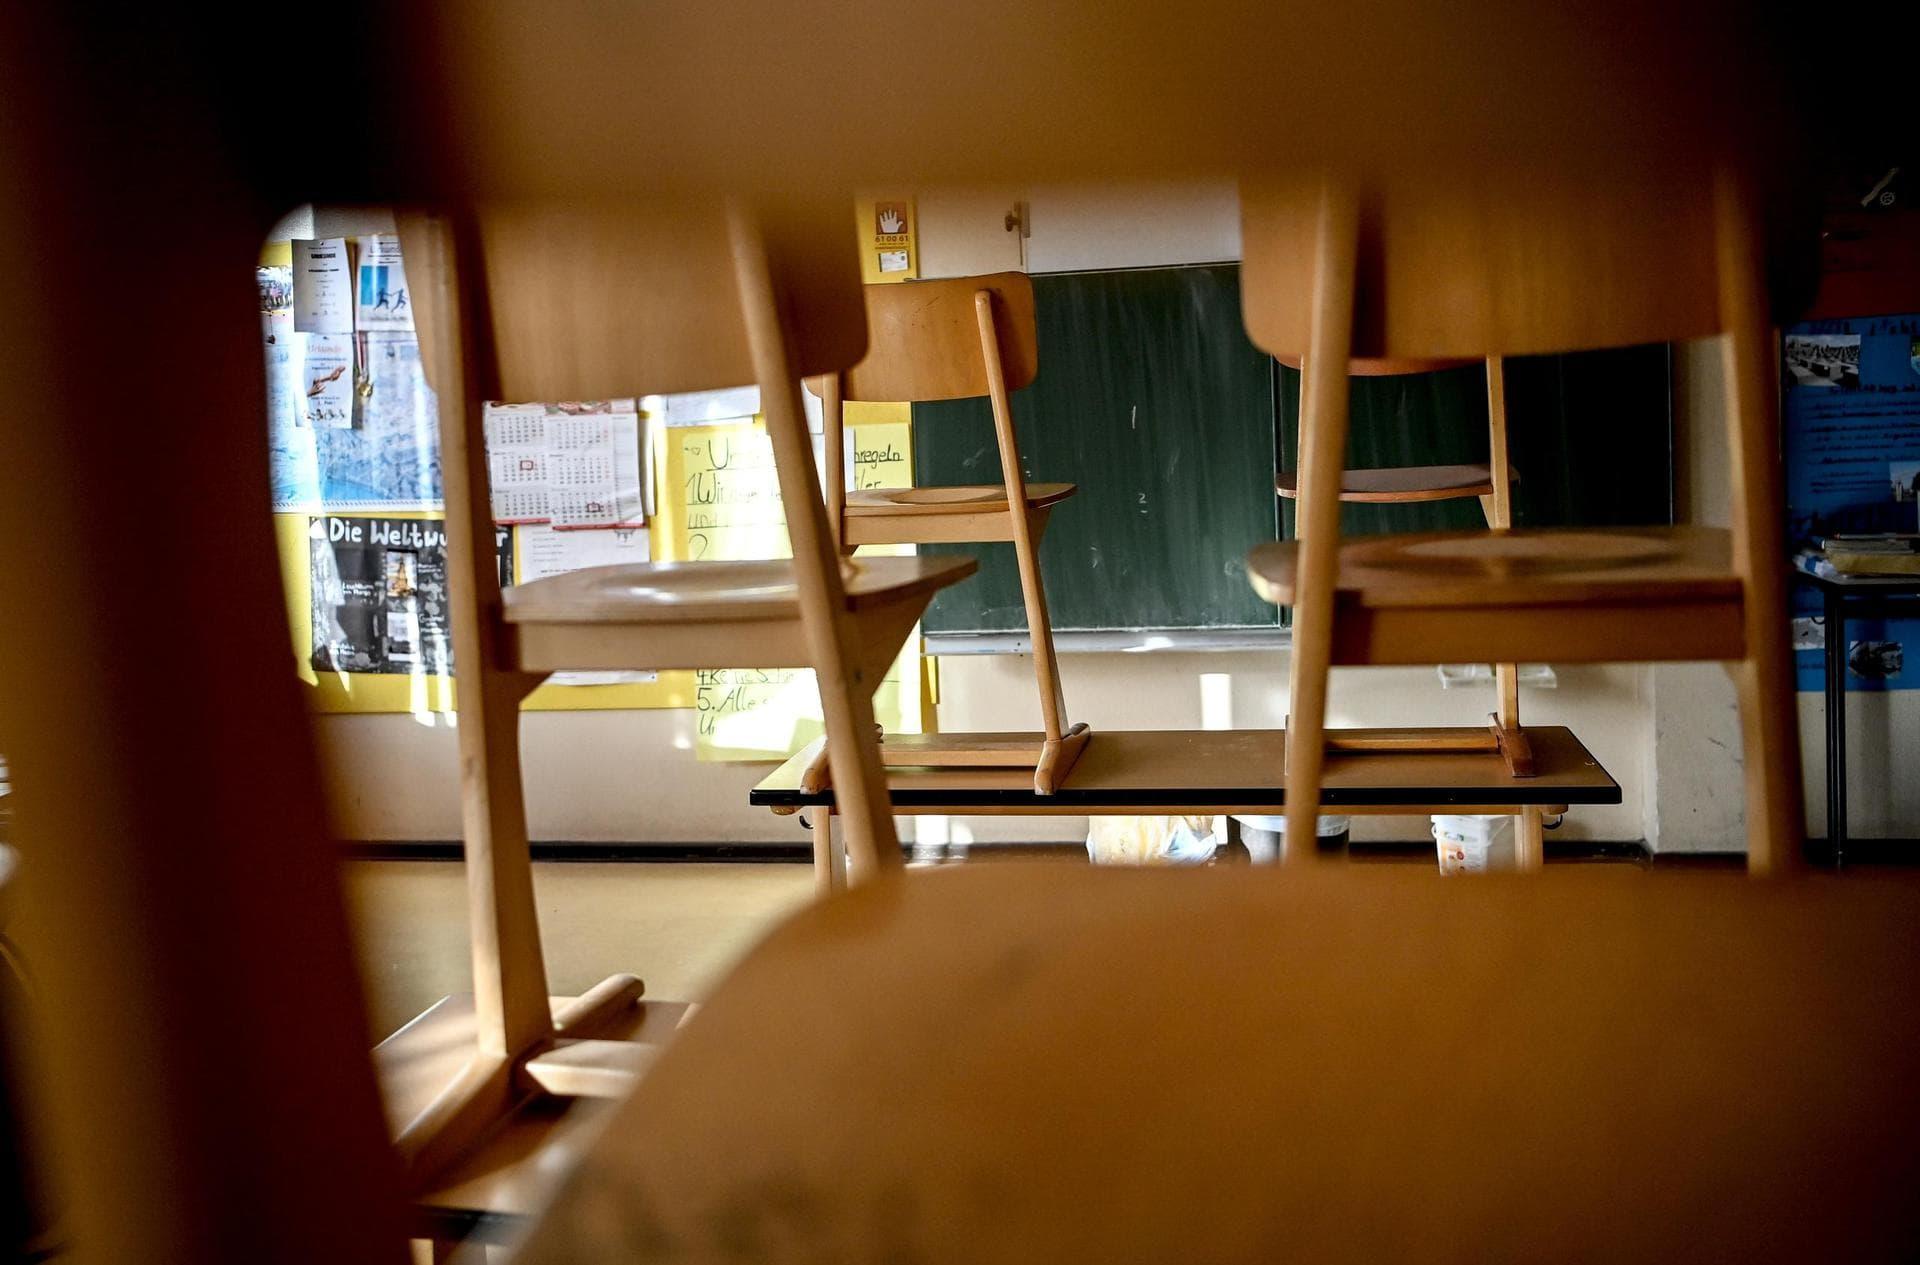 Bildungsminister stellen sich auf Schließung von Schulen ein Treffen am Wochenende geplant